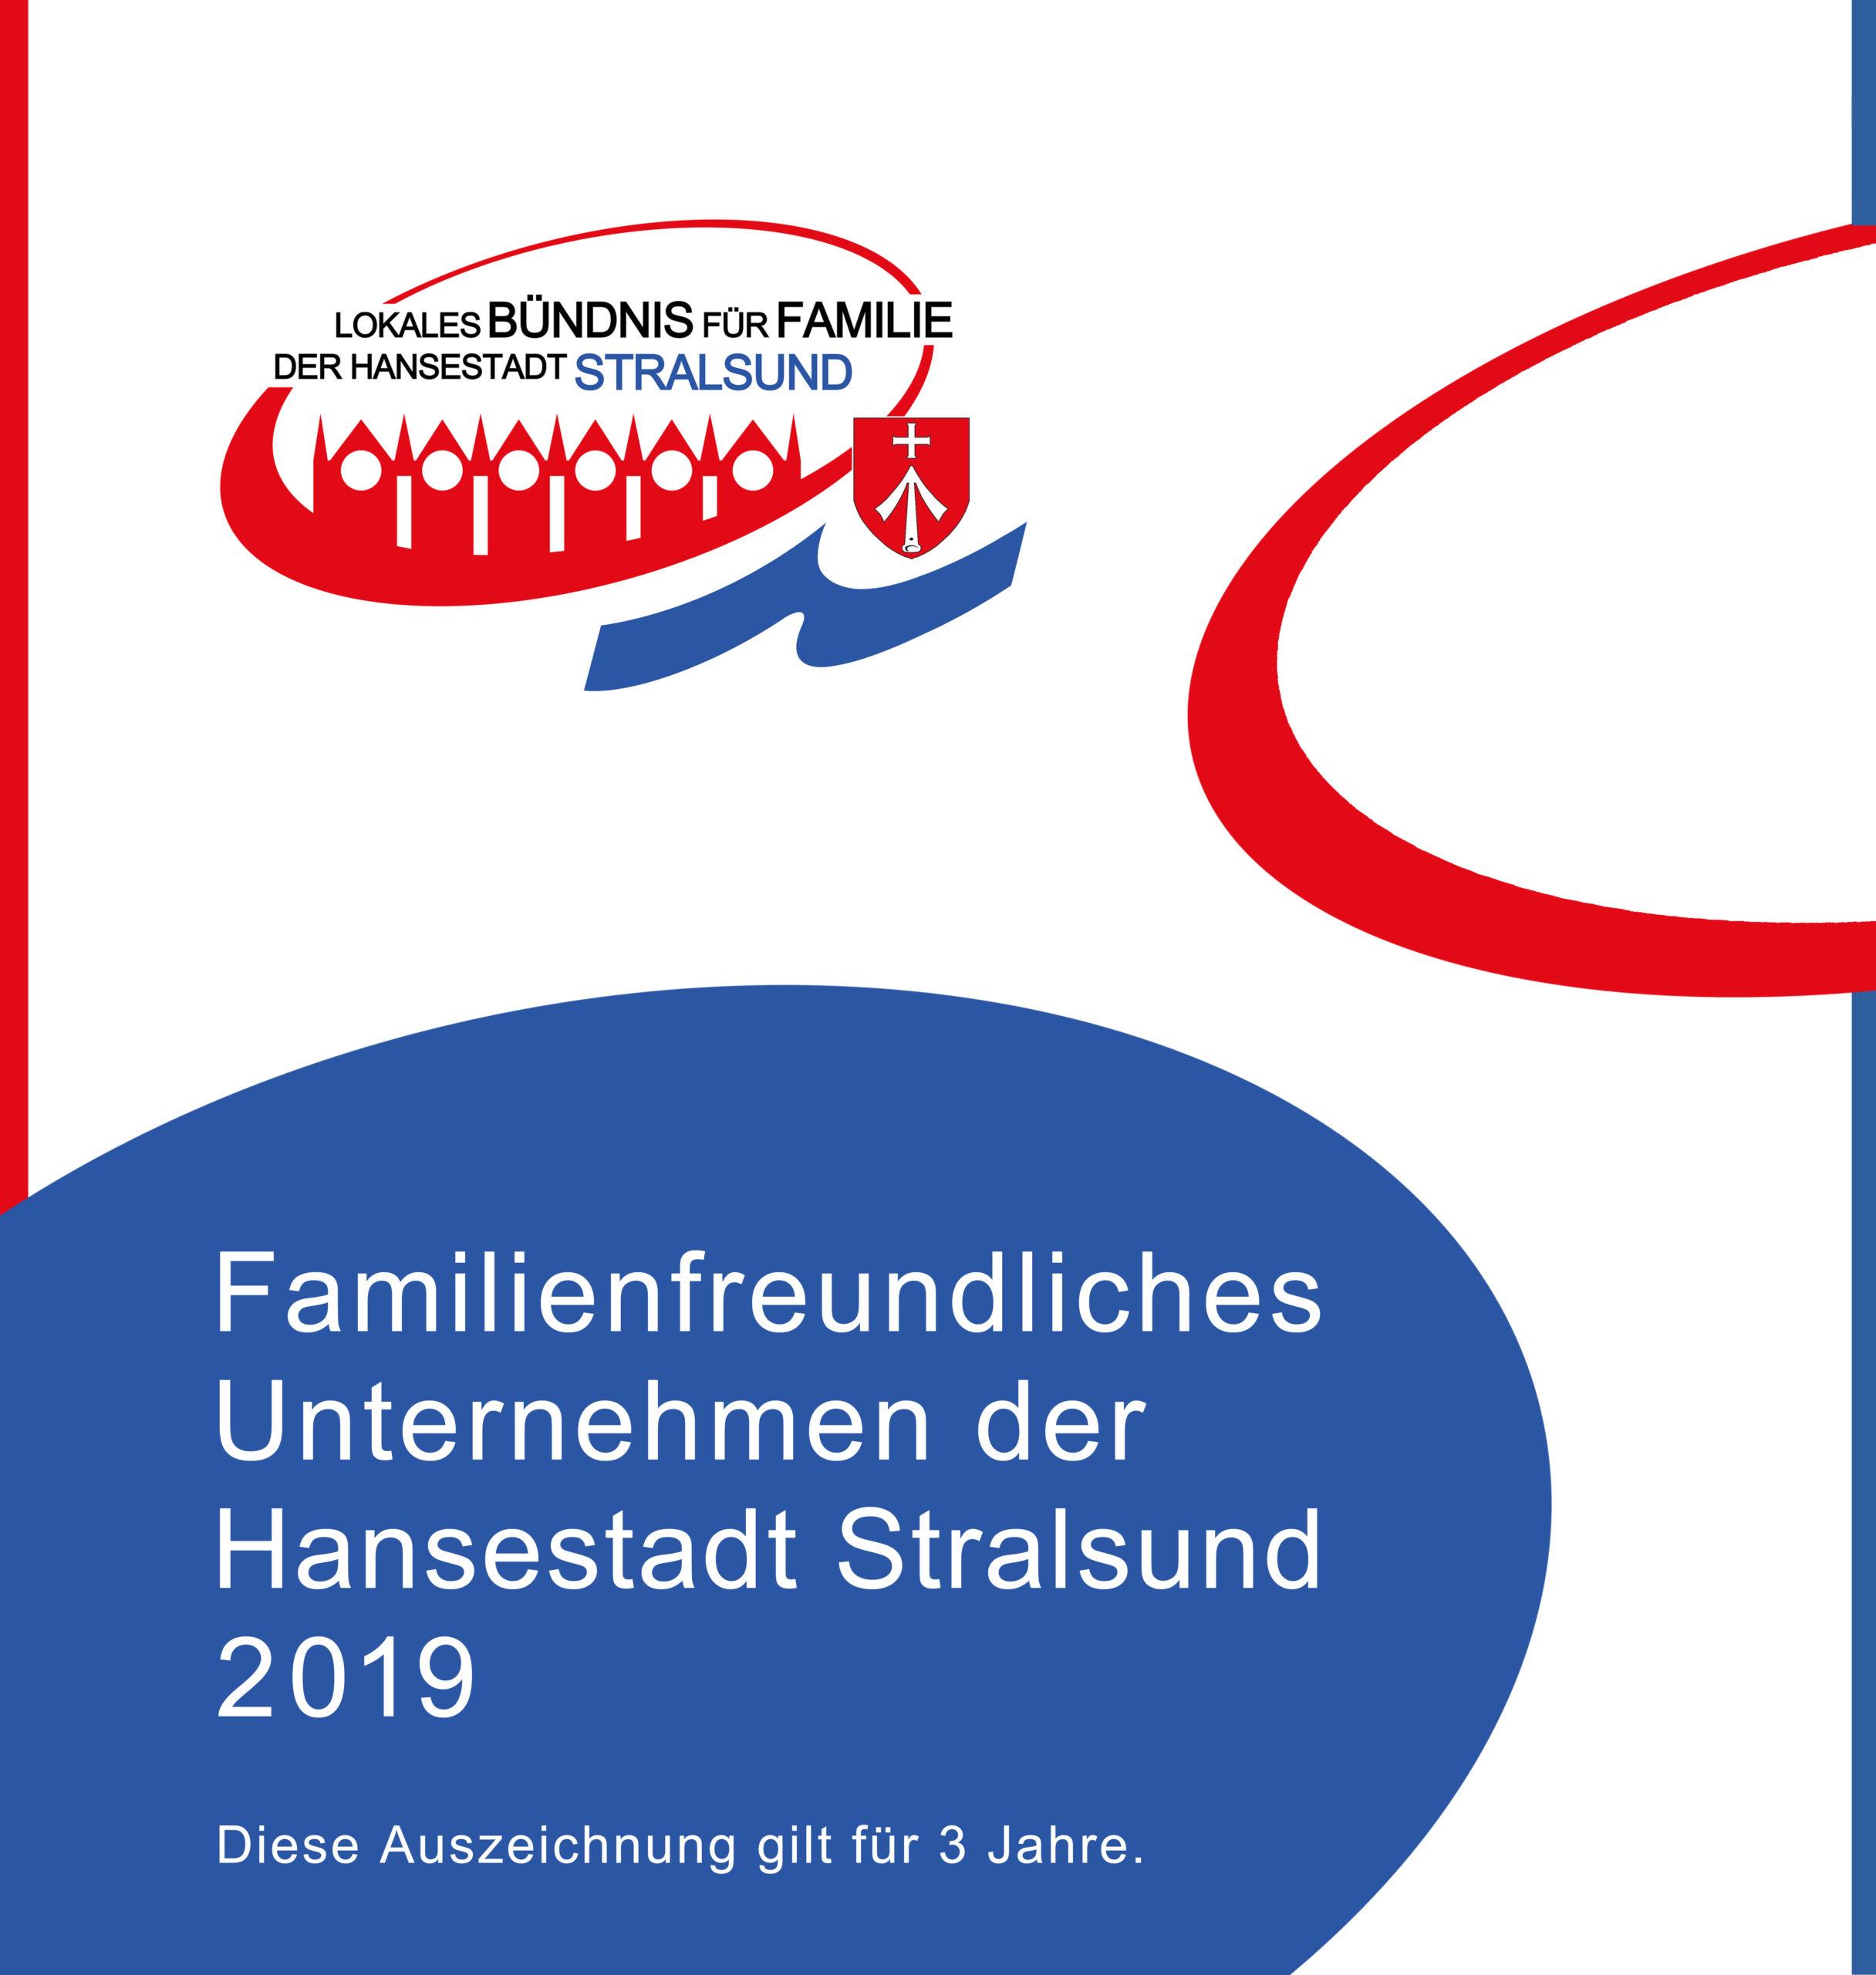 Famillienfreundliches Unternehmen der Hansestadt Stralsund 2019